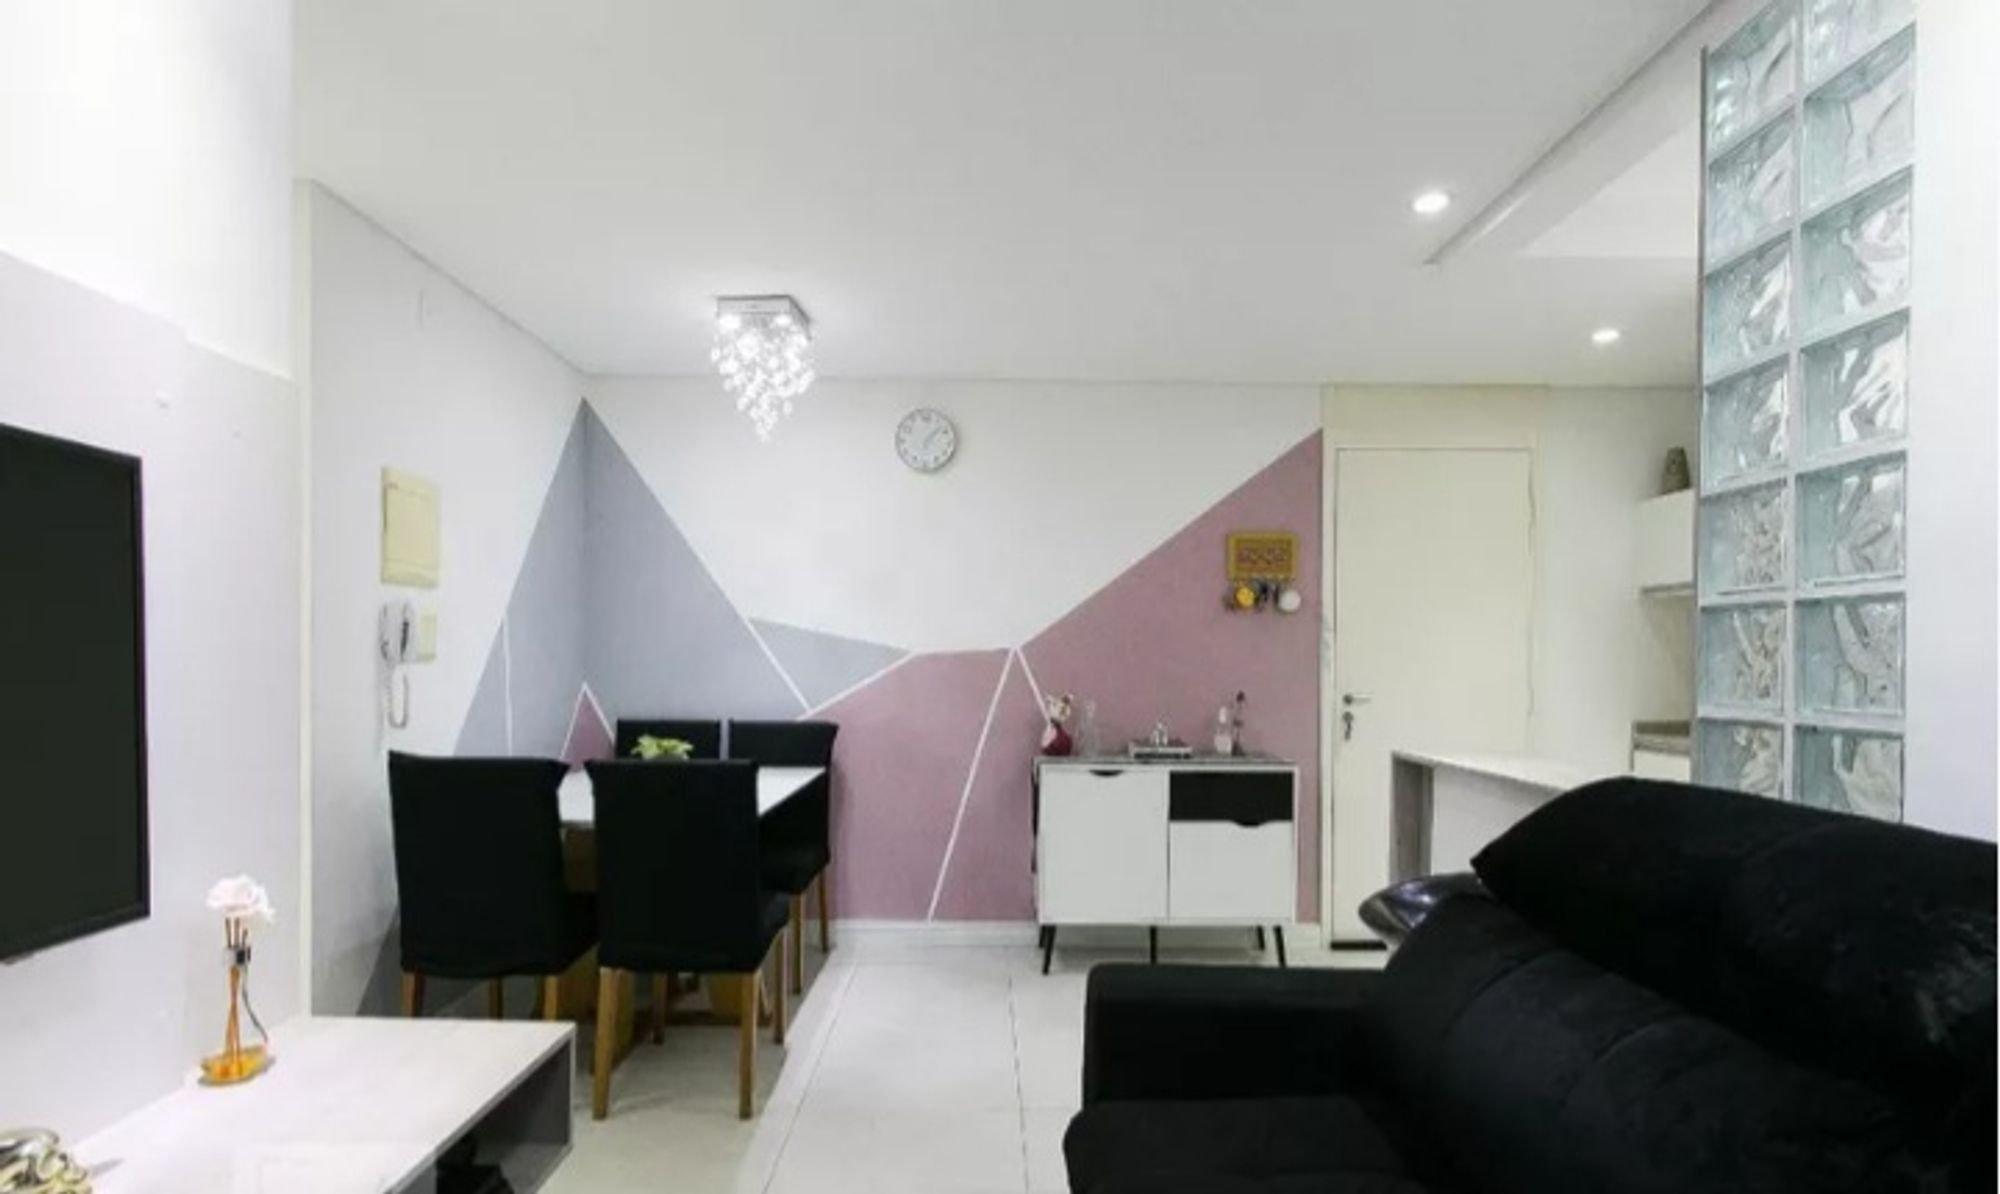 Foto de Sala com sofá, televisão, relógio, cadeira